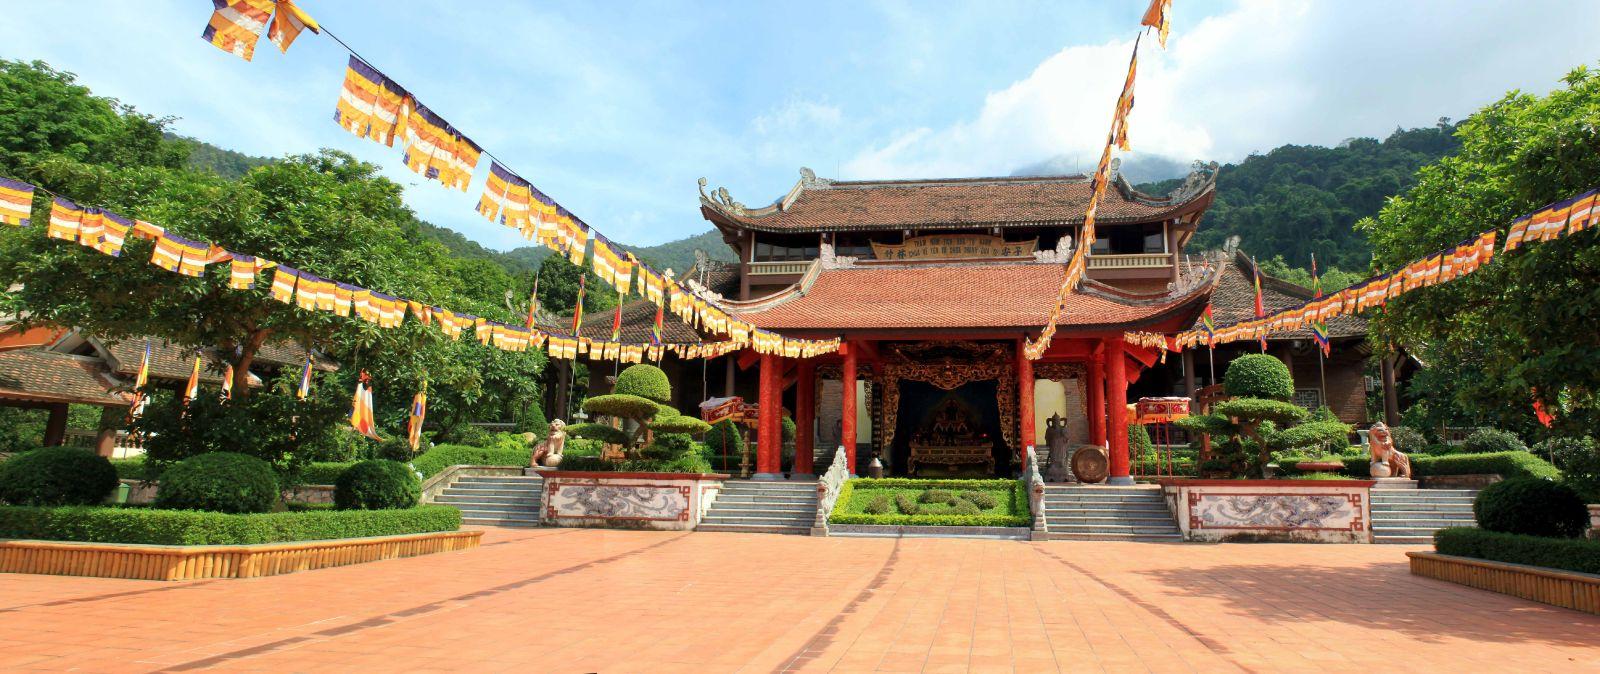 Những điểm du lịch tâm linh nổi tiếng ở Quảng Ninh